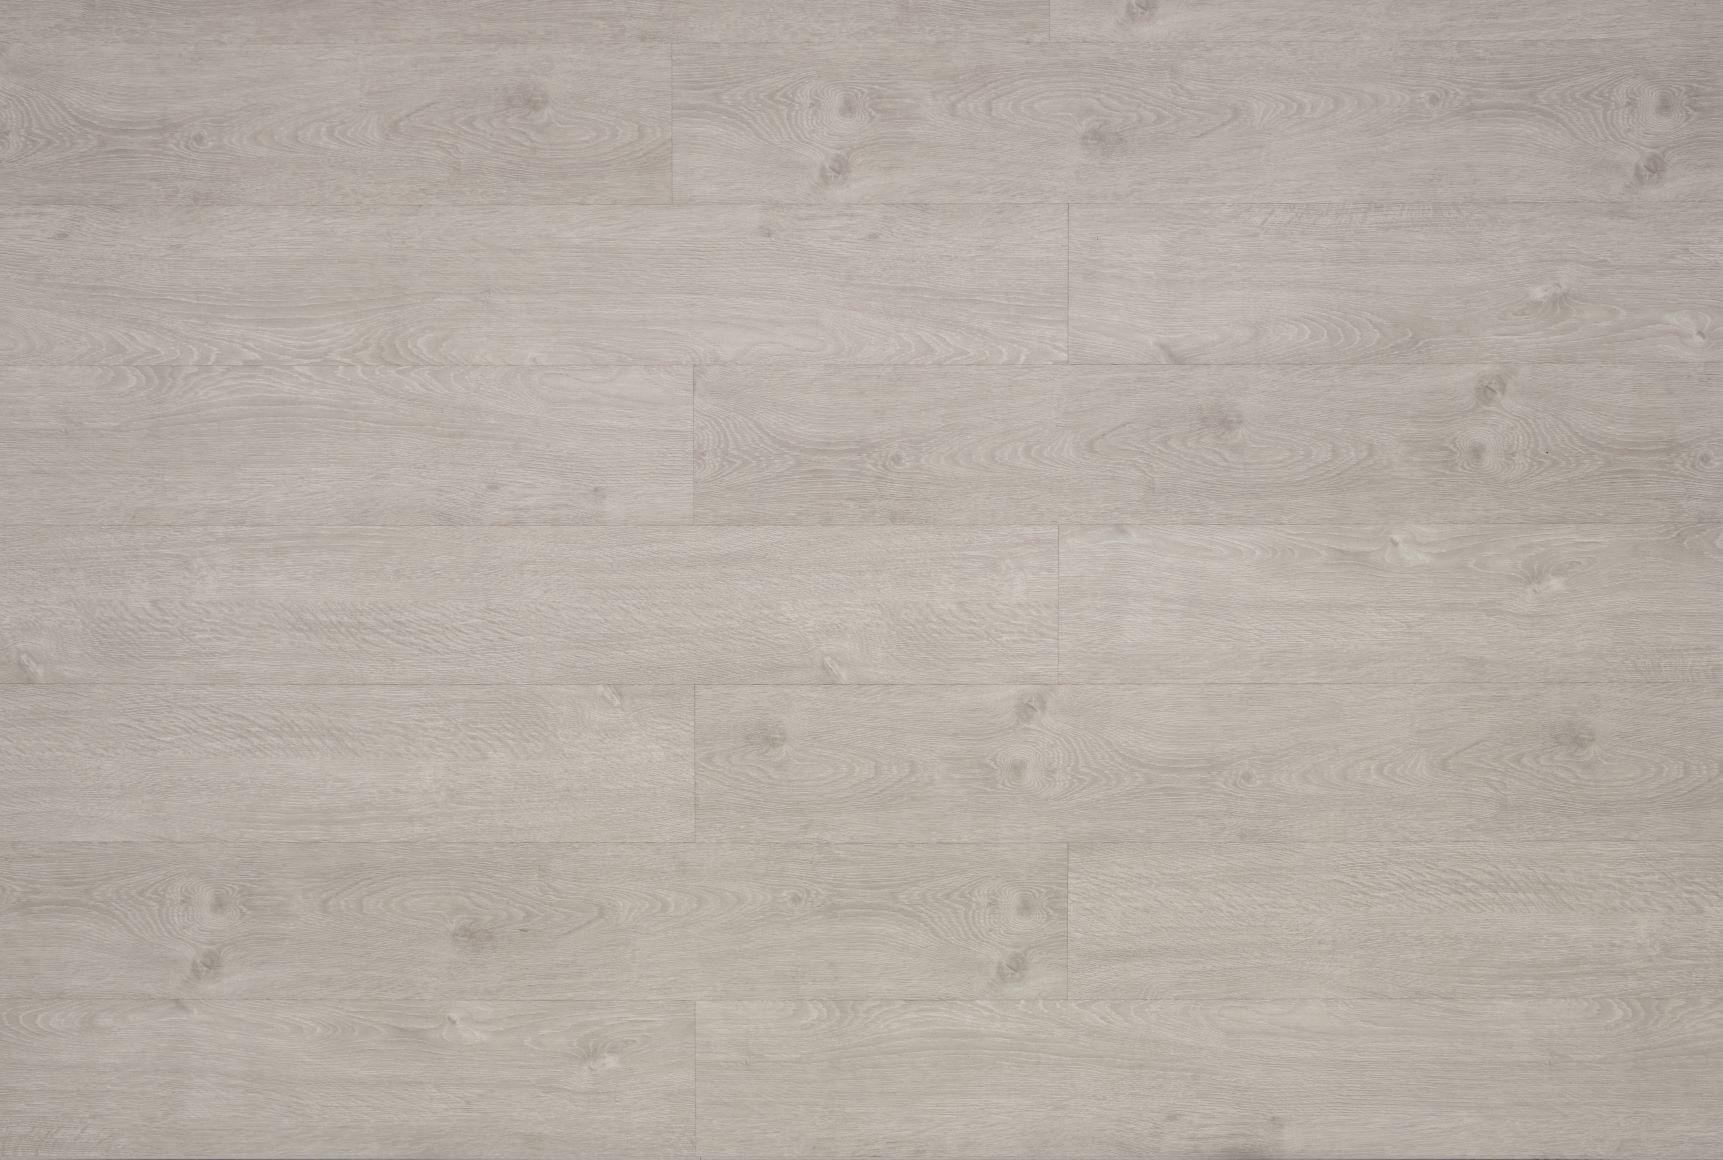 Vinylboden Restposten Granat In 2020 Vinylboden Trittschalldammung Vinylboden Holzoptik